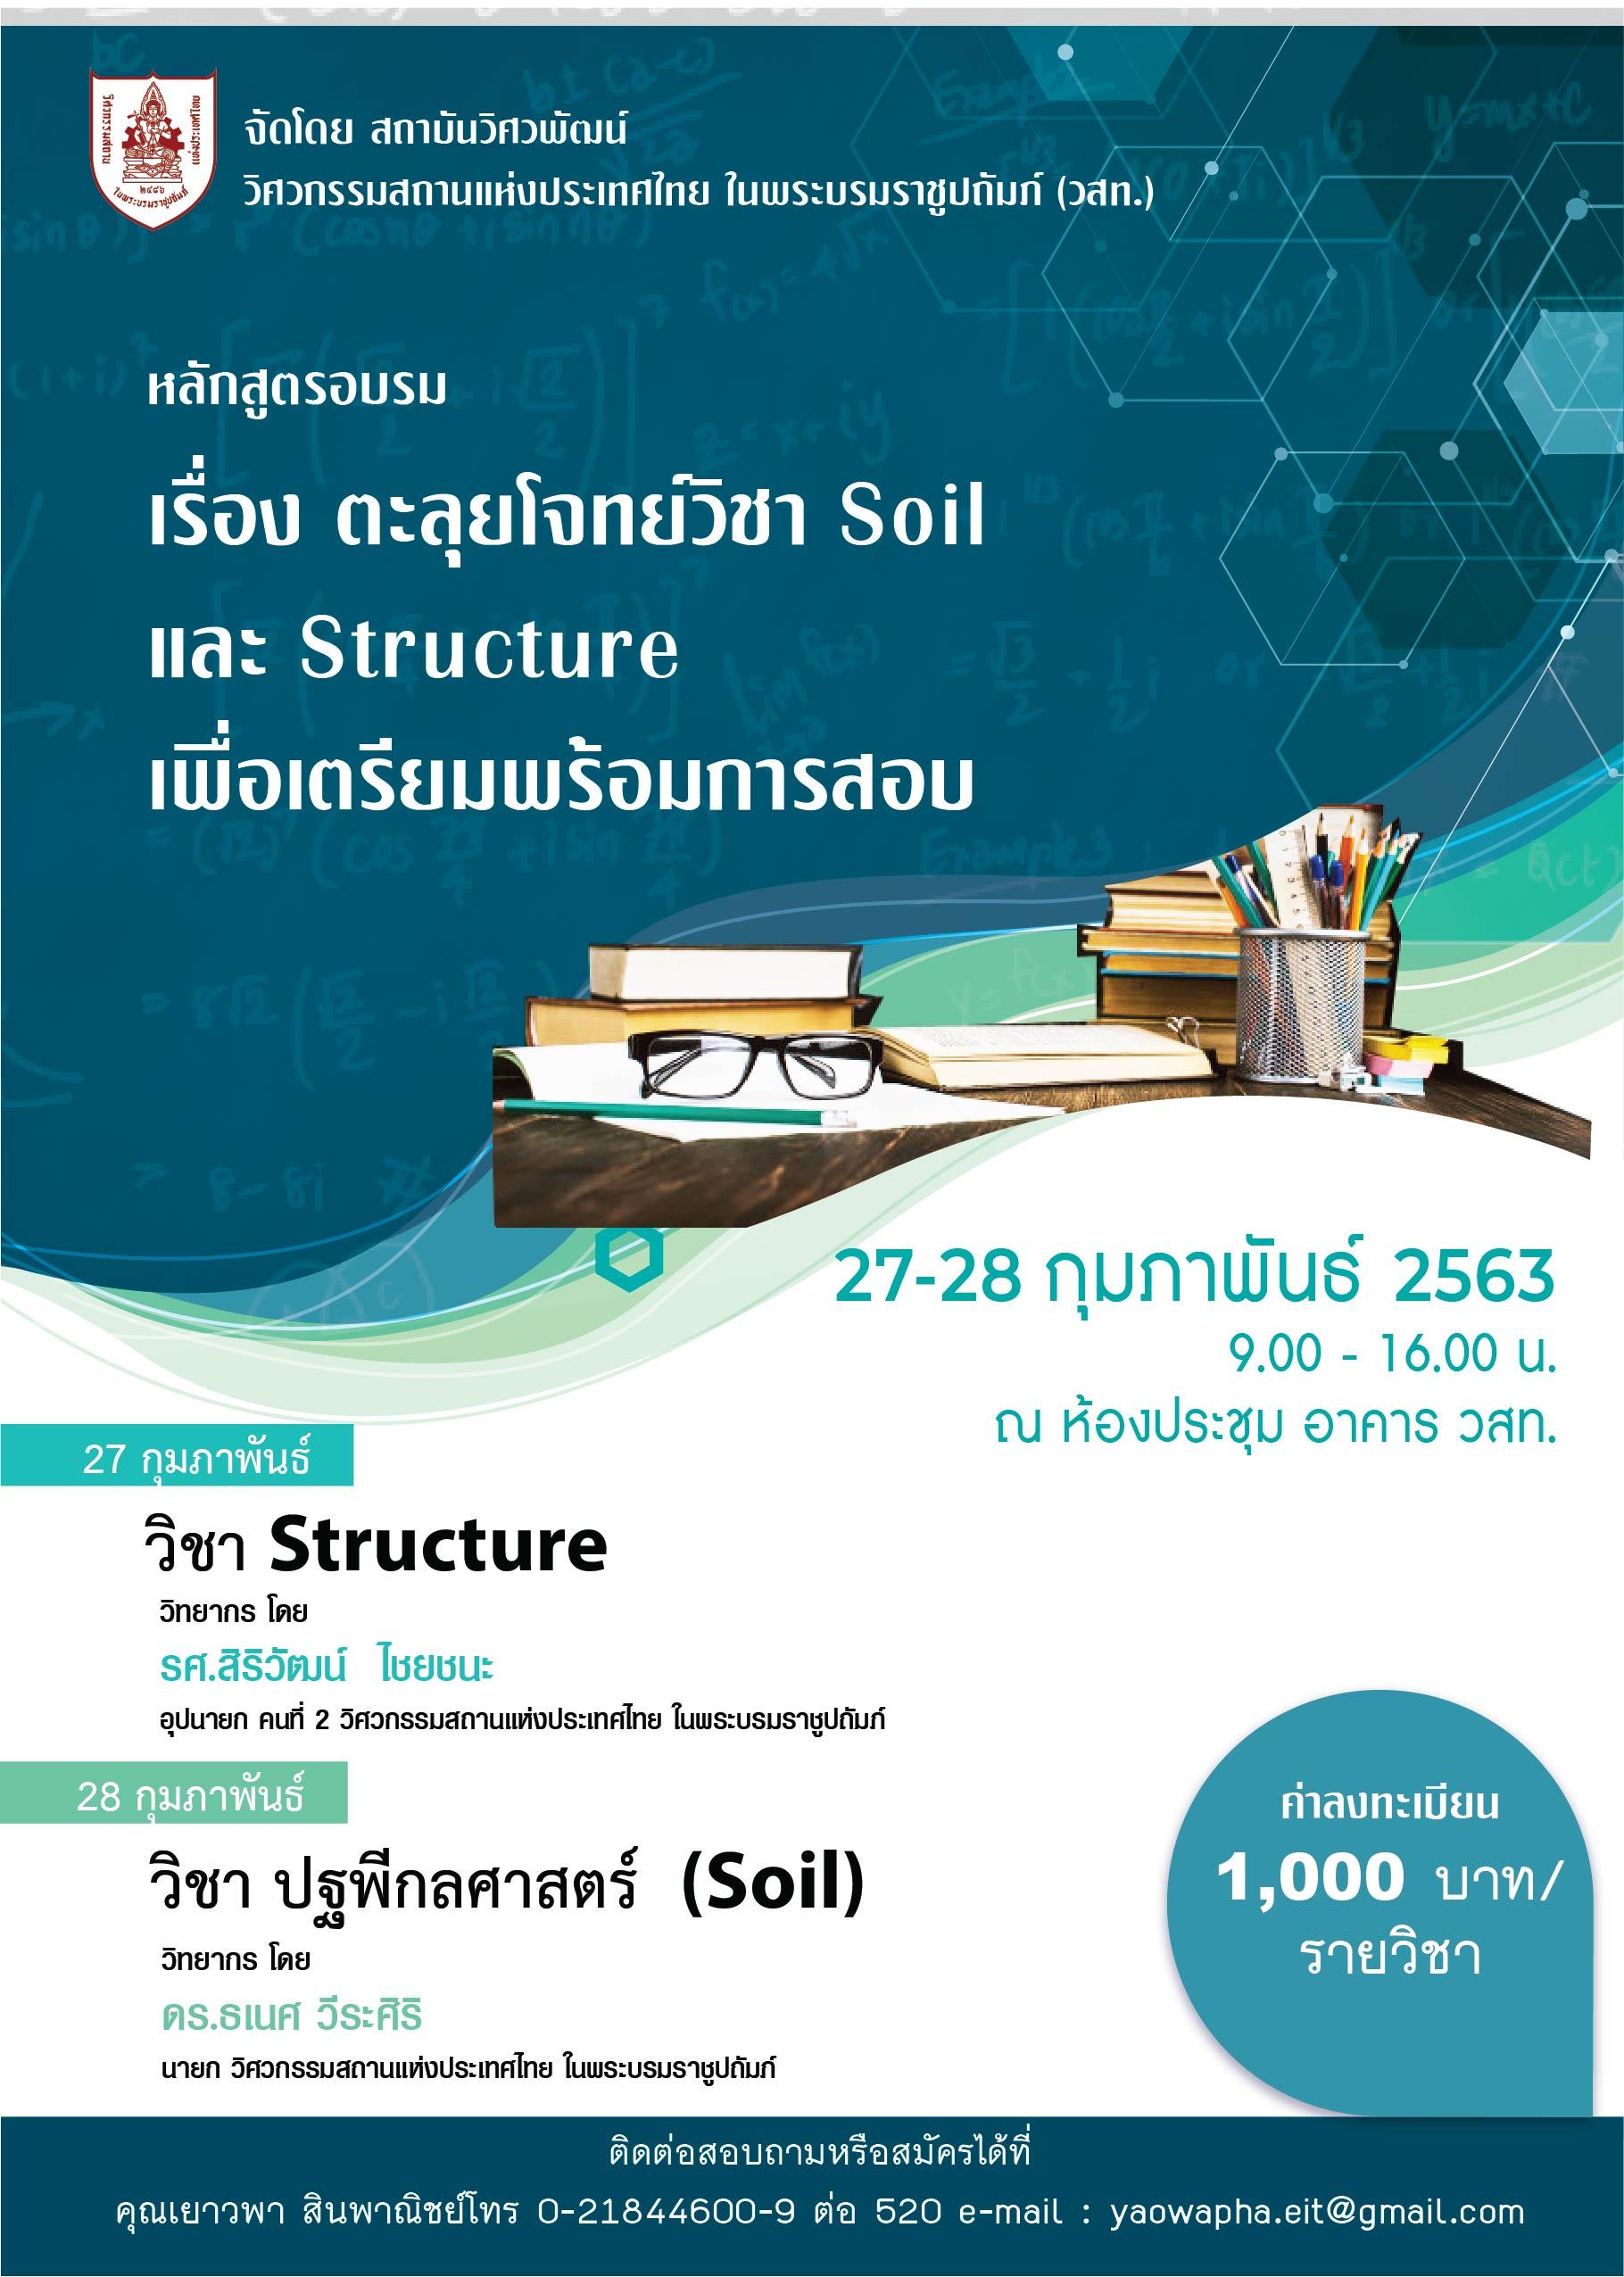 27/04/2563  อบรมหลักสูตร ตะลุยโจทย์วิชา Structure เพื่อเตรียมพร้อมการสอบ